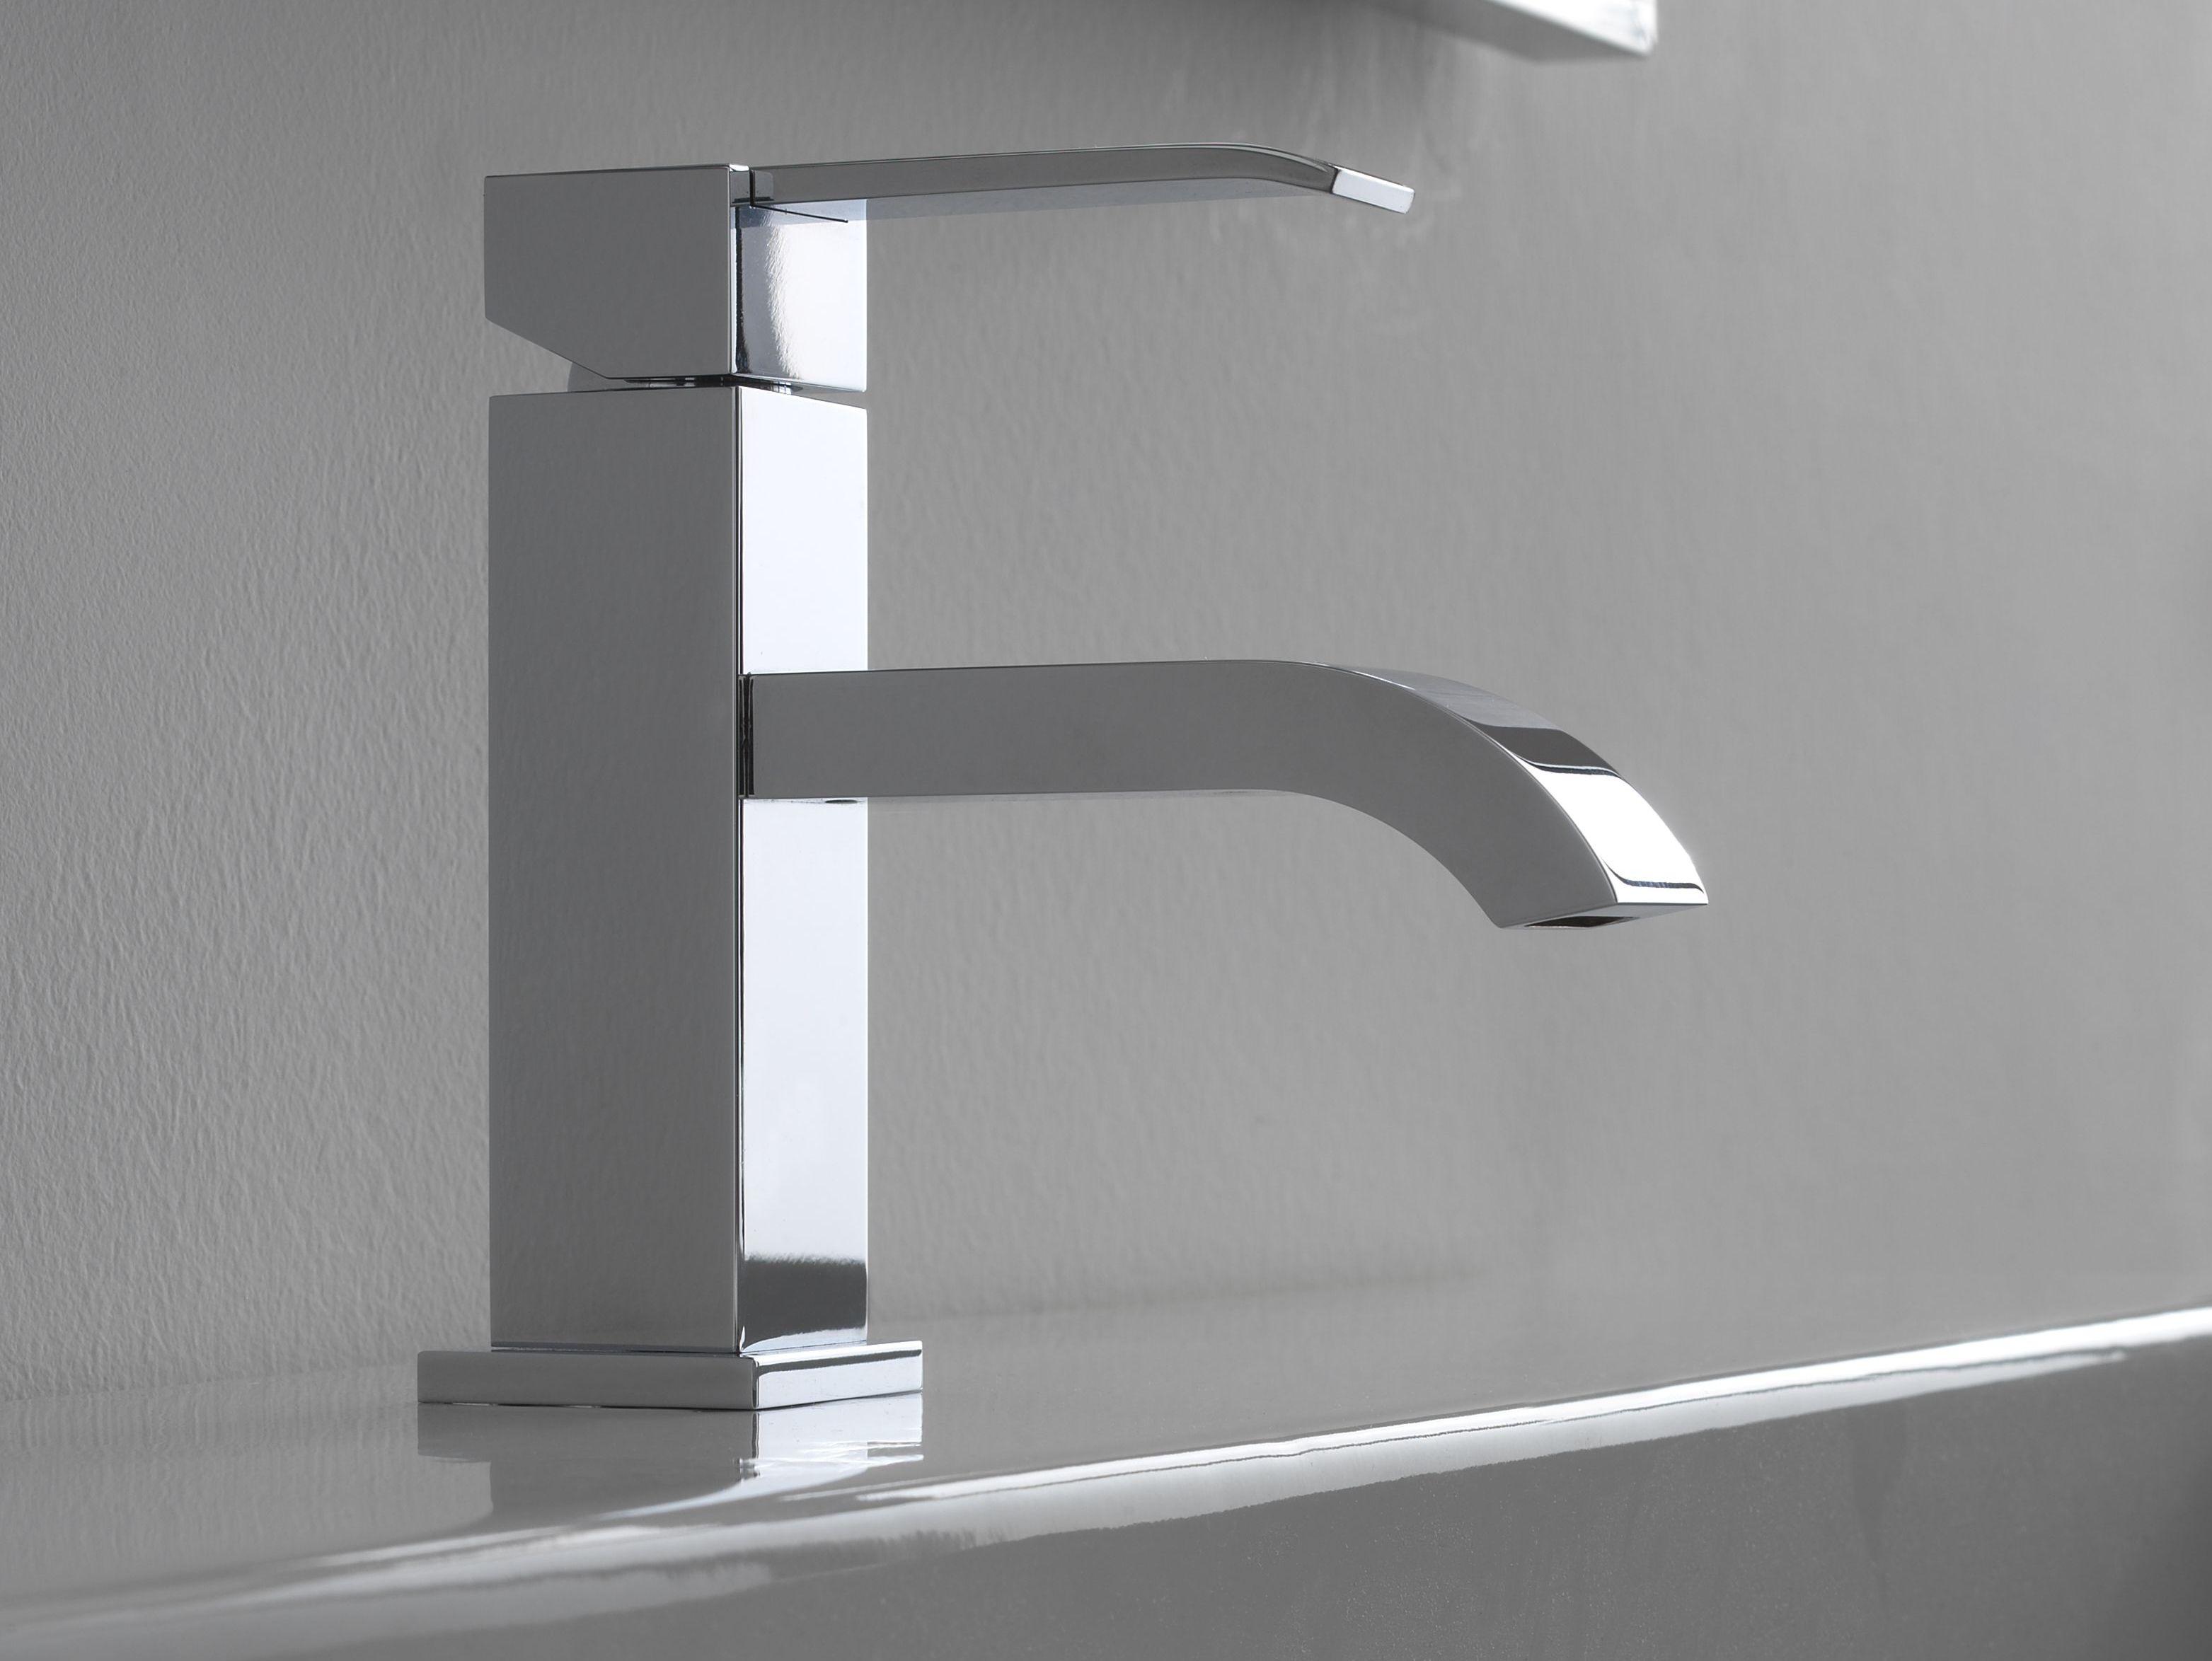 Changer robinet lavabo salle de bain for Changer robinet salle de bain